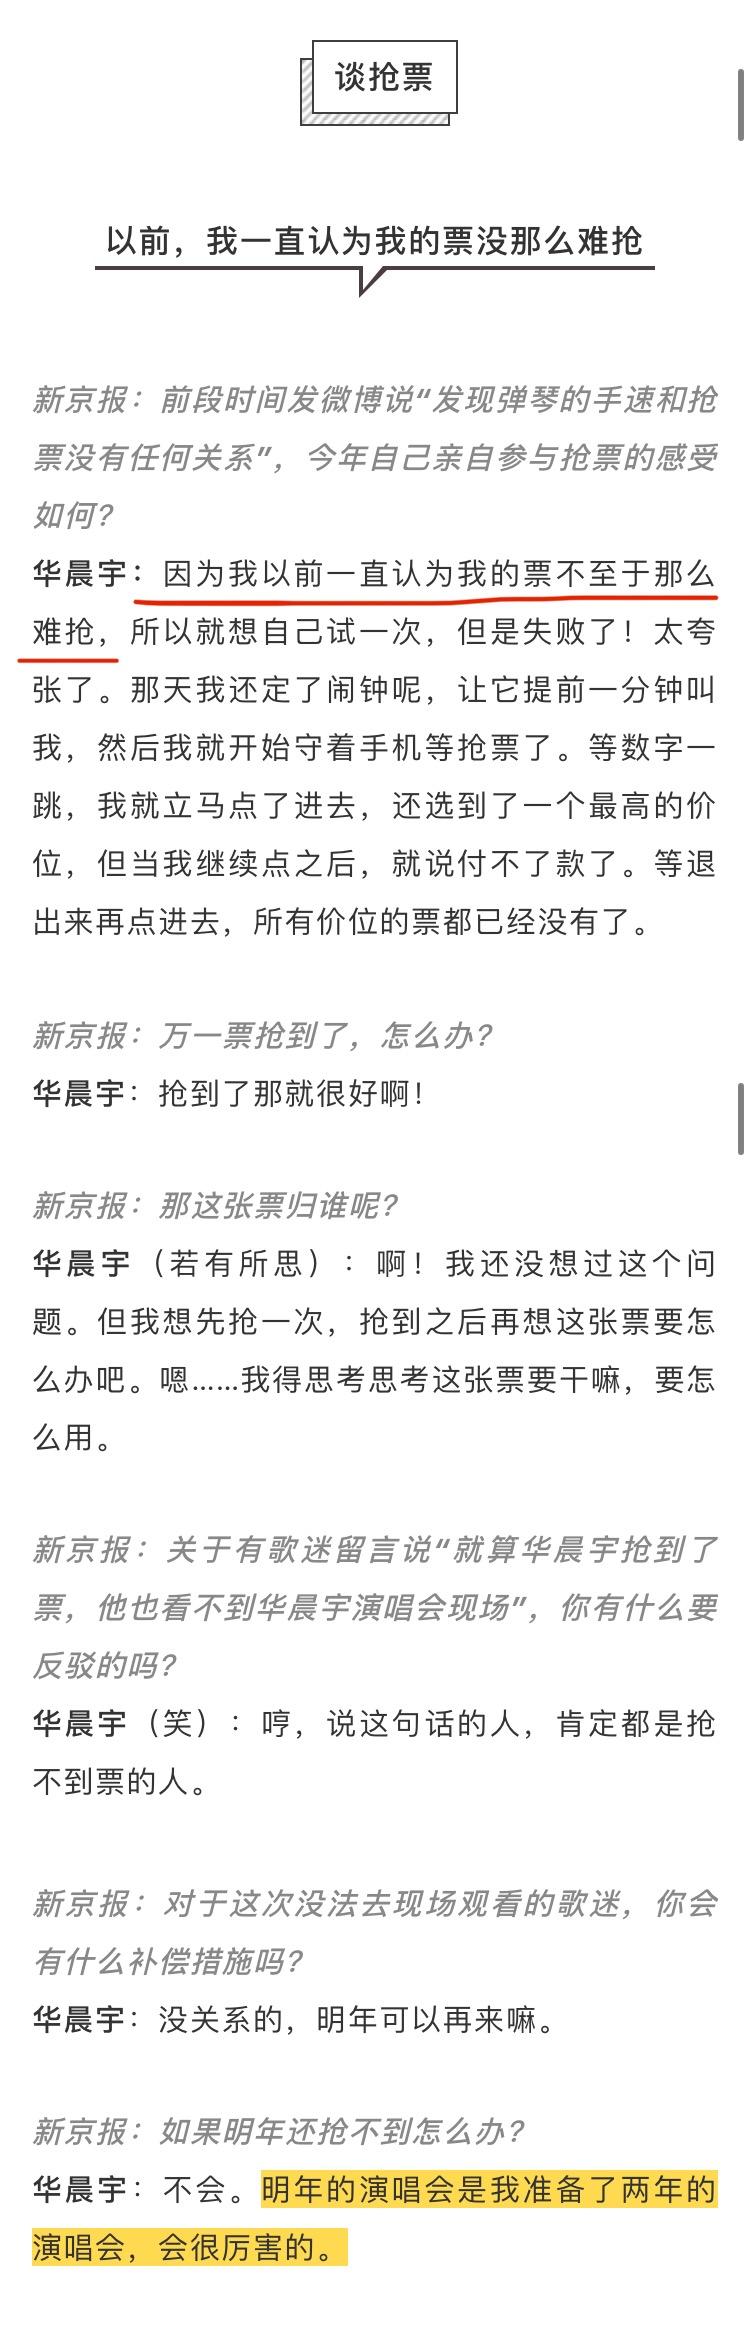 华晨宇新京报专访,关于抢票、演唱会、四专,满满的干货。